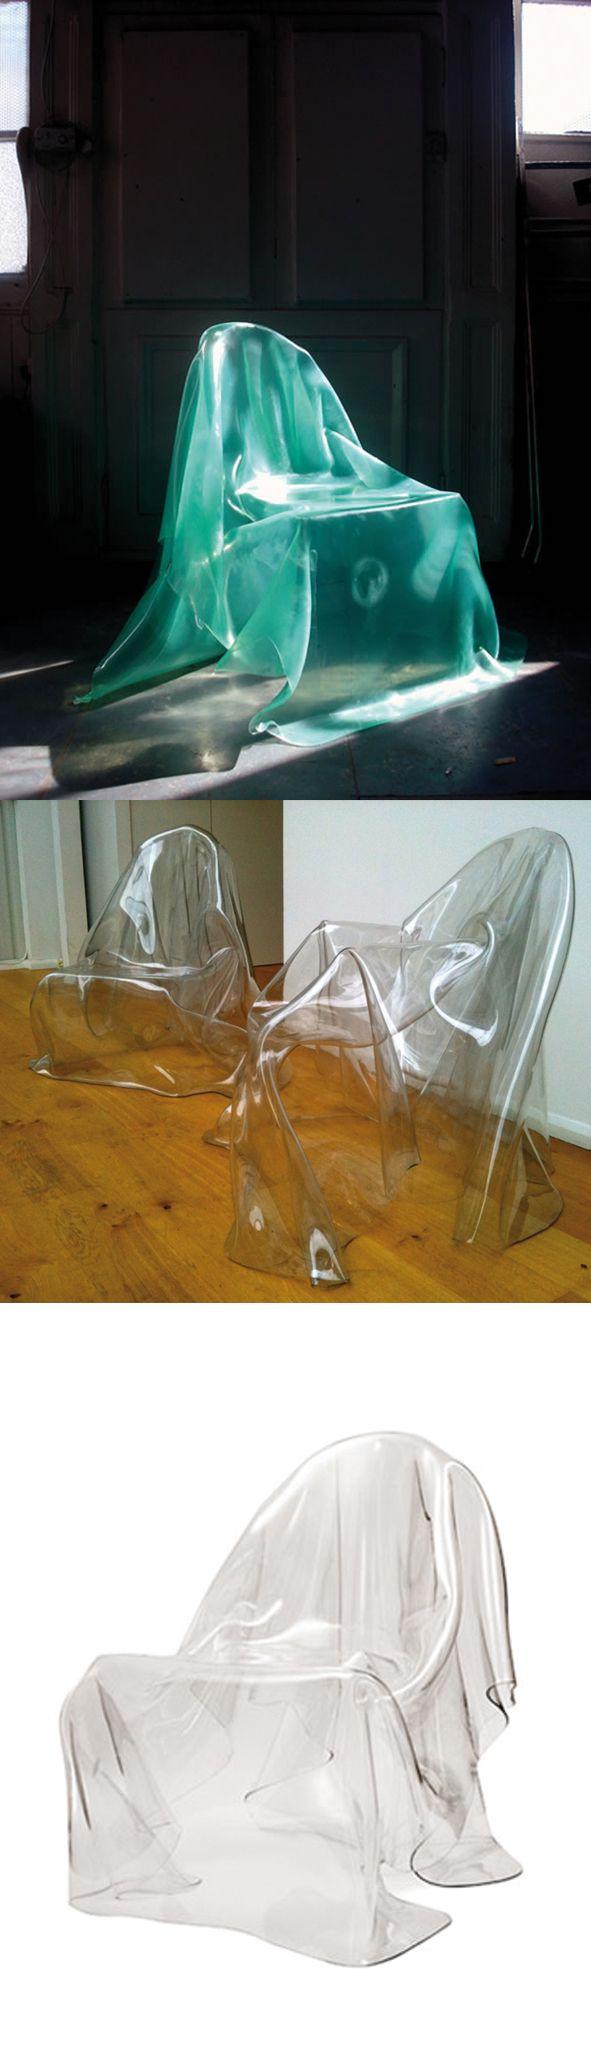 Happy Halloween! Silla fantasma/ Ghost chair by Valentina González Wohlers  #design